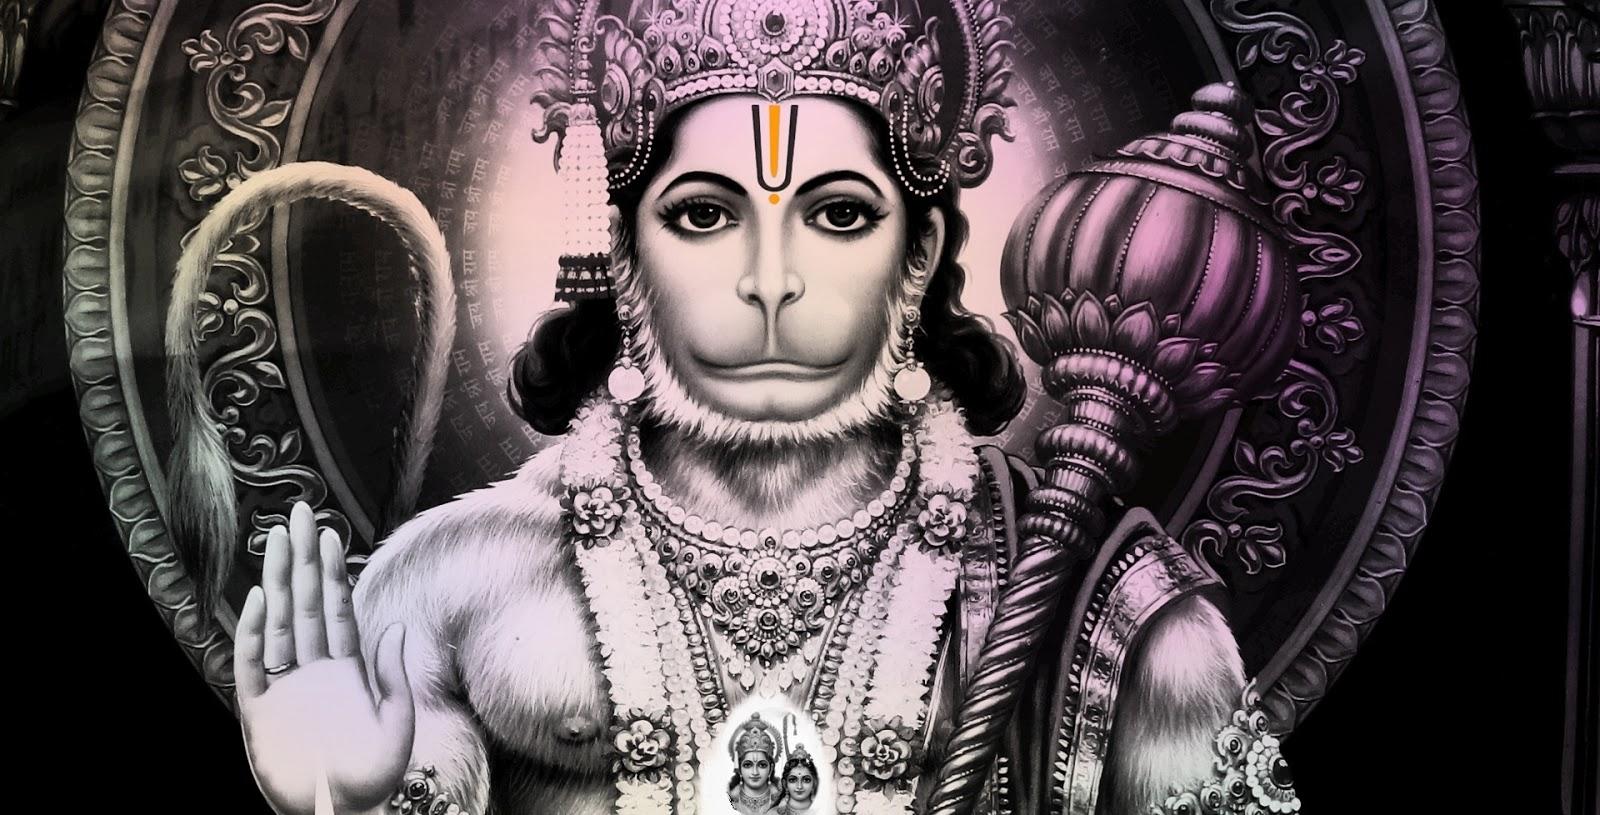 Ram Bhajan - Gaana.com